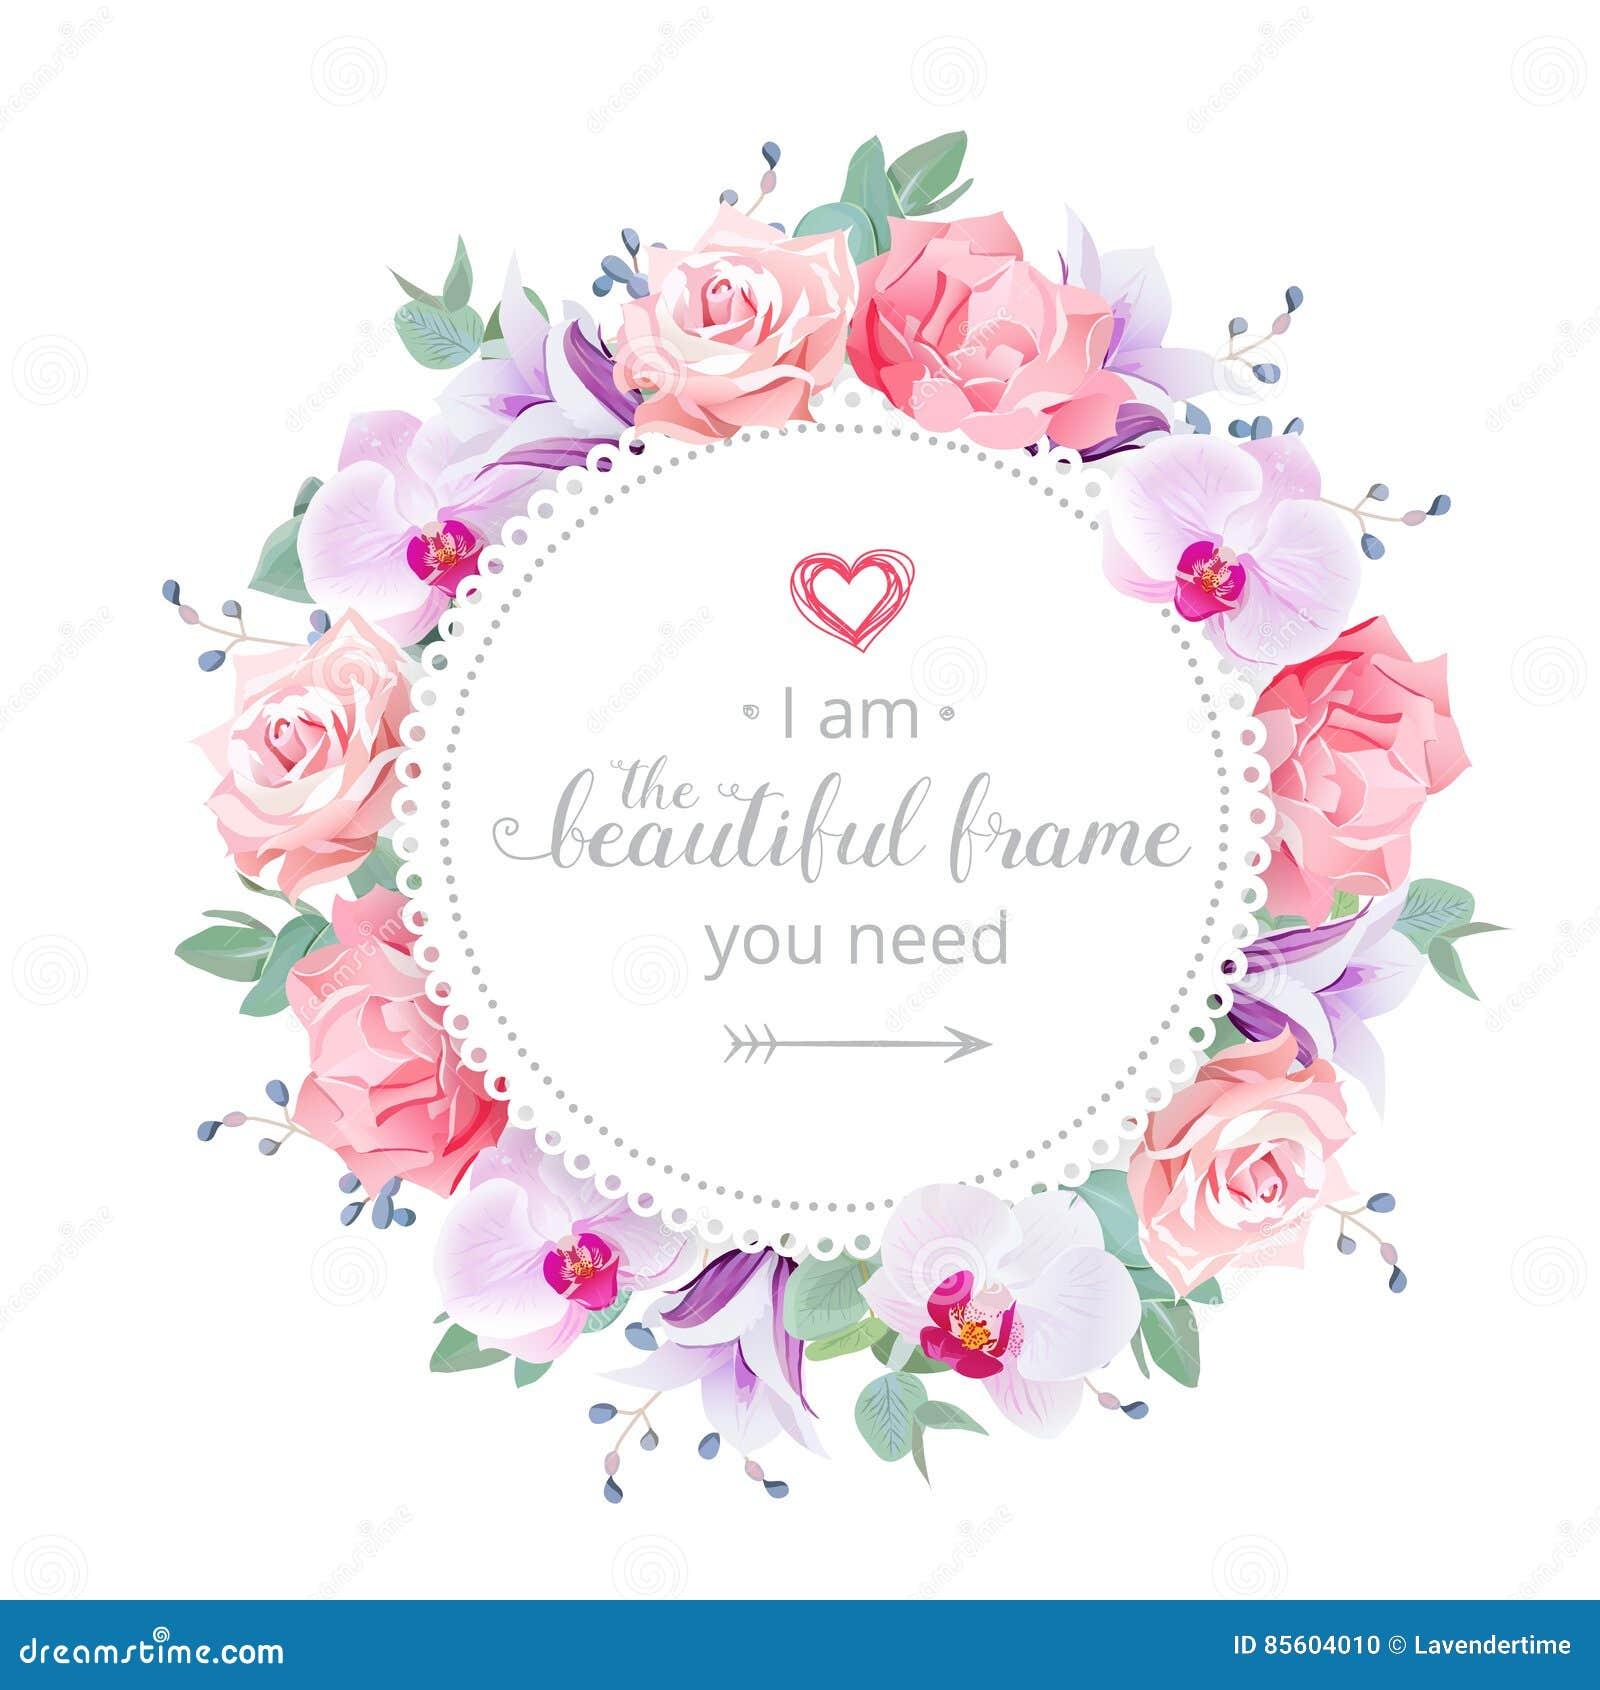 Vektor Designrahmen Der Schonen Hochzeit Blumen Vektor Abbildung